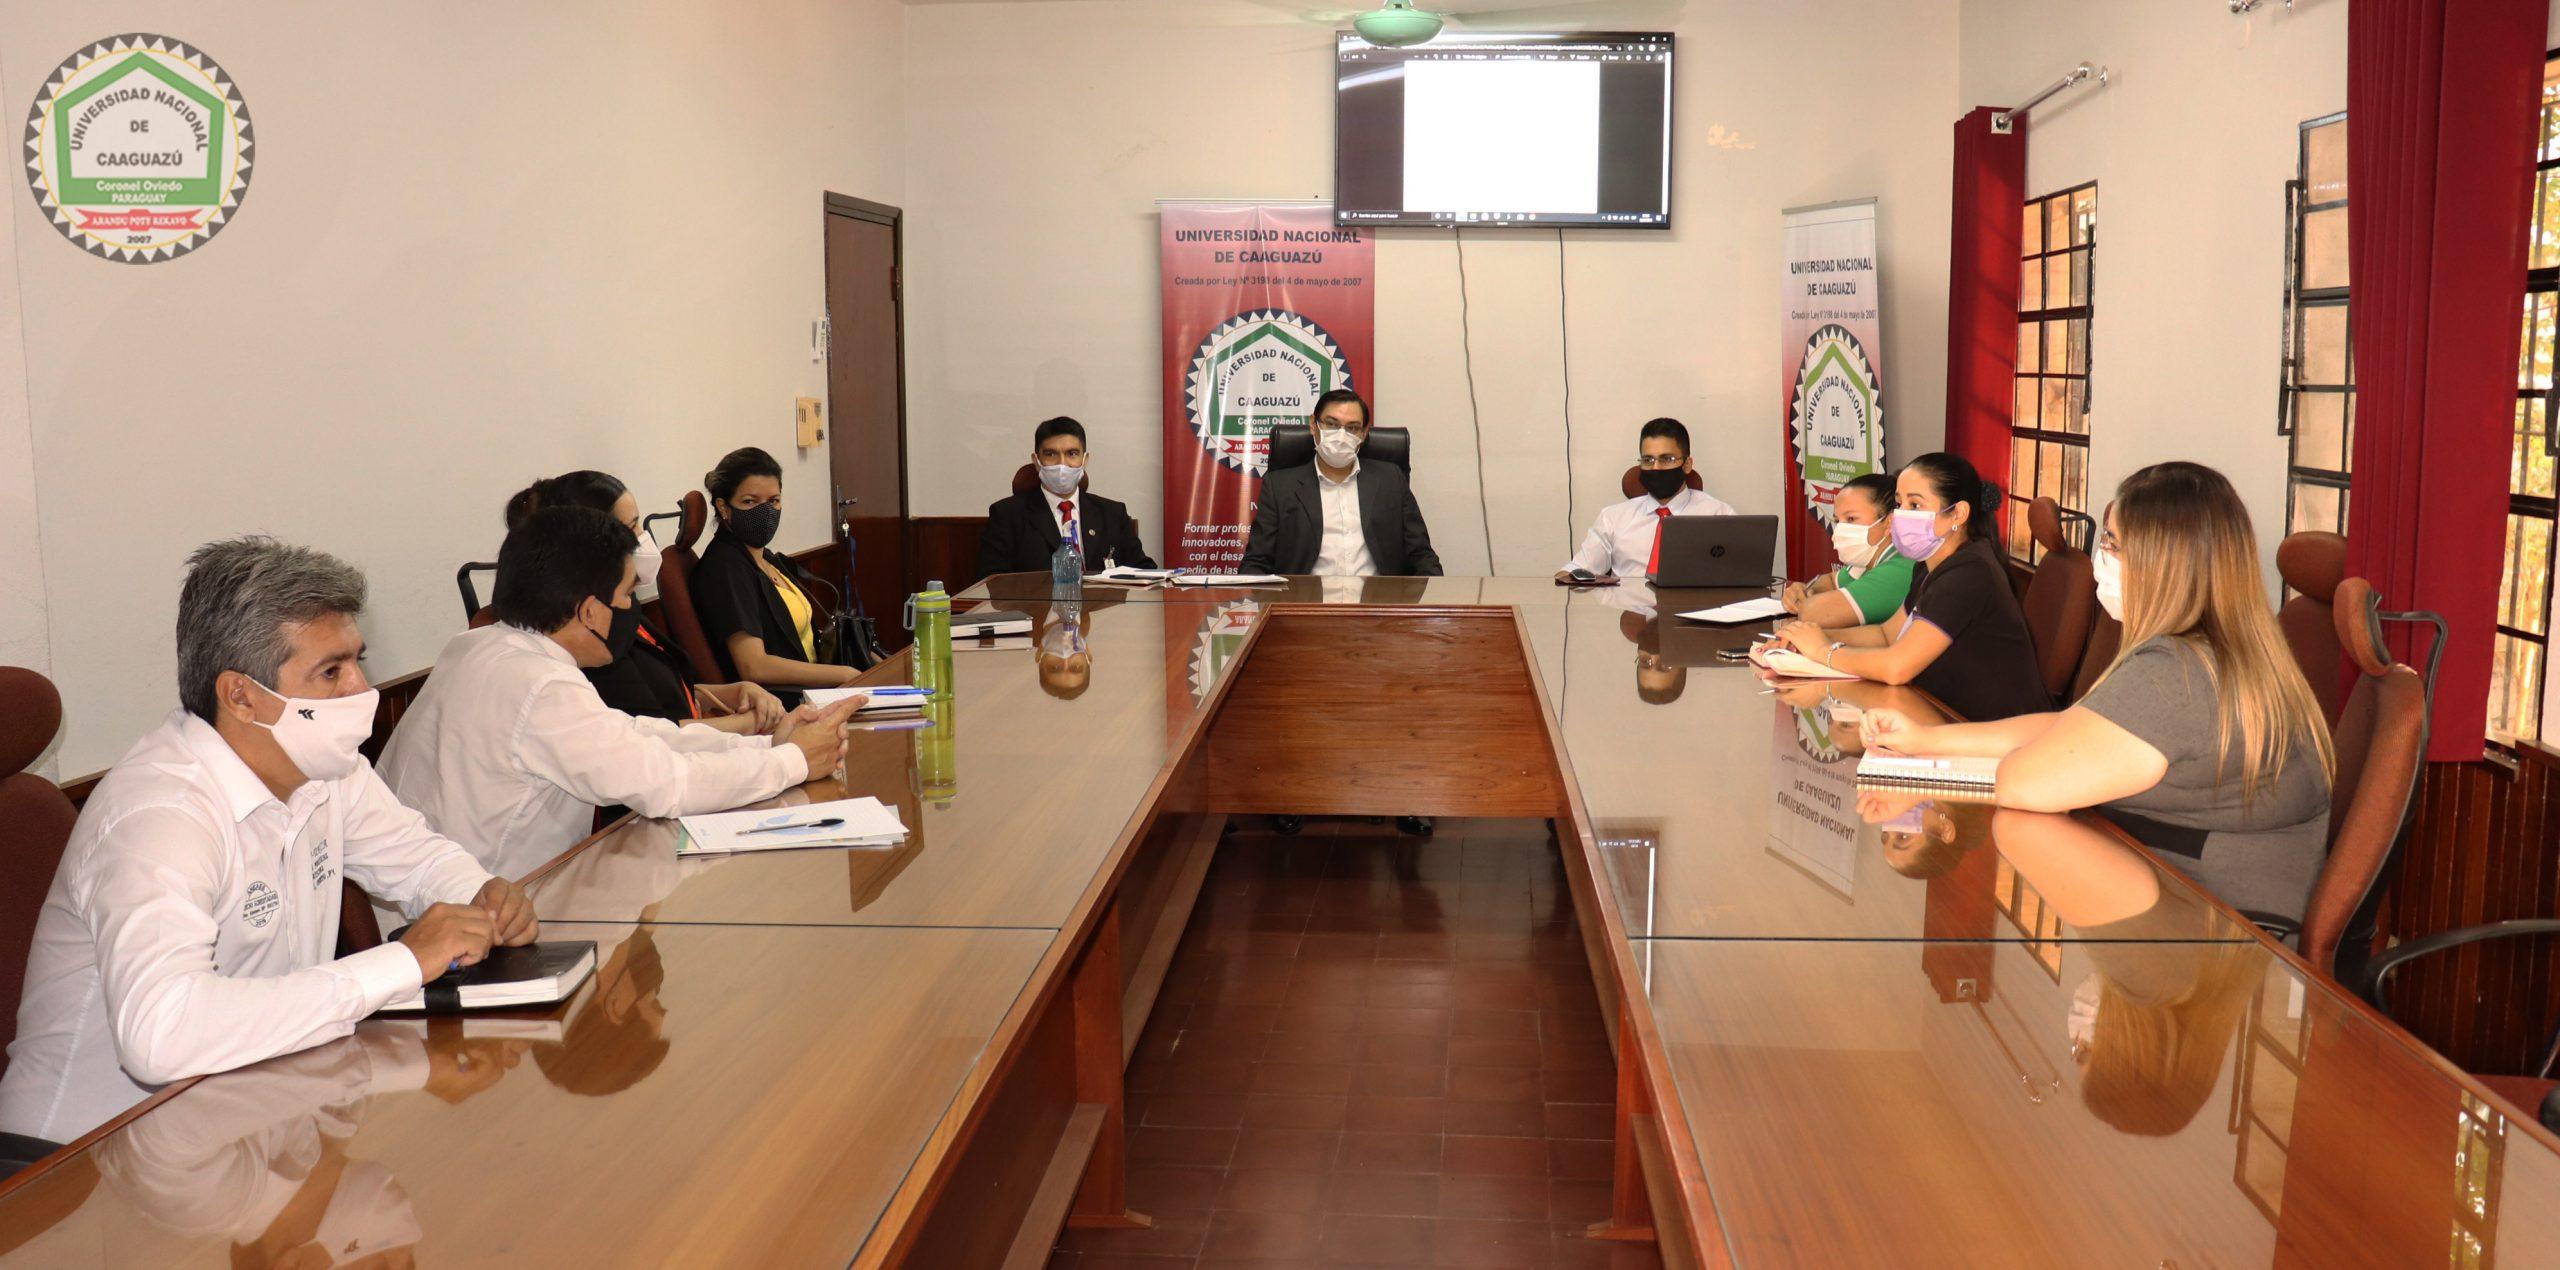 📌Reunión de trabajo de la Coordinación y Organización de Bienestar Estudiantil